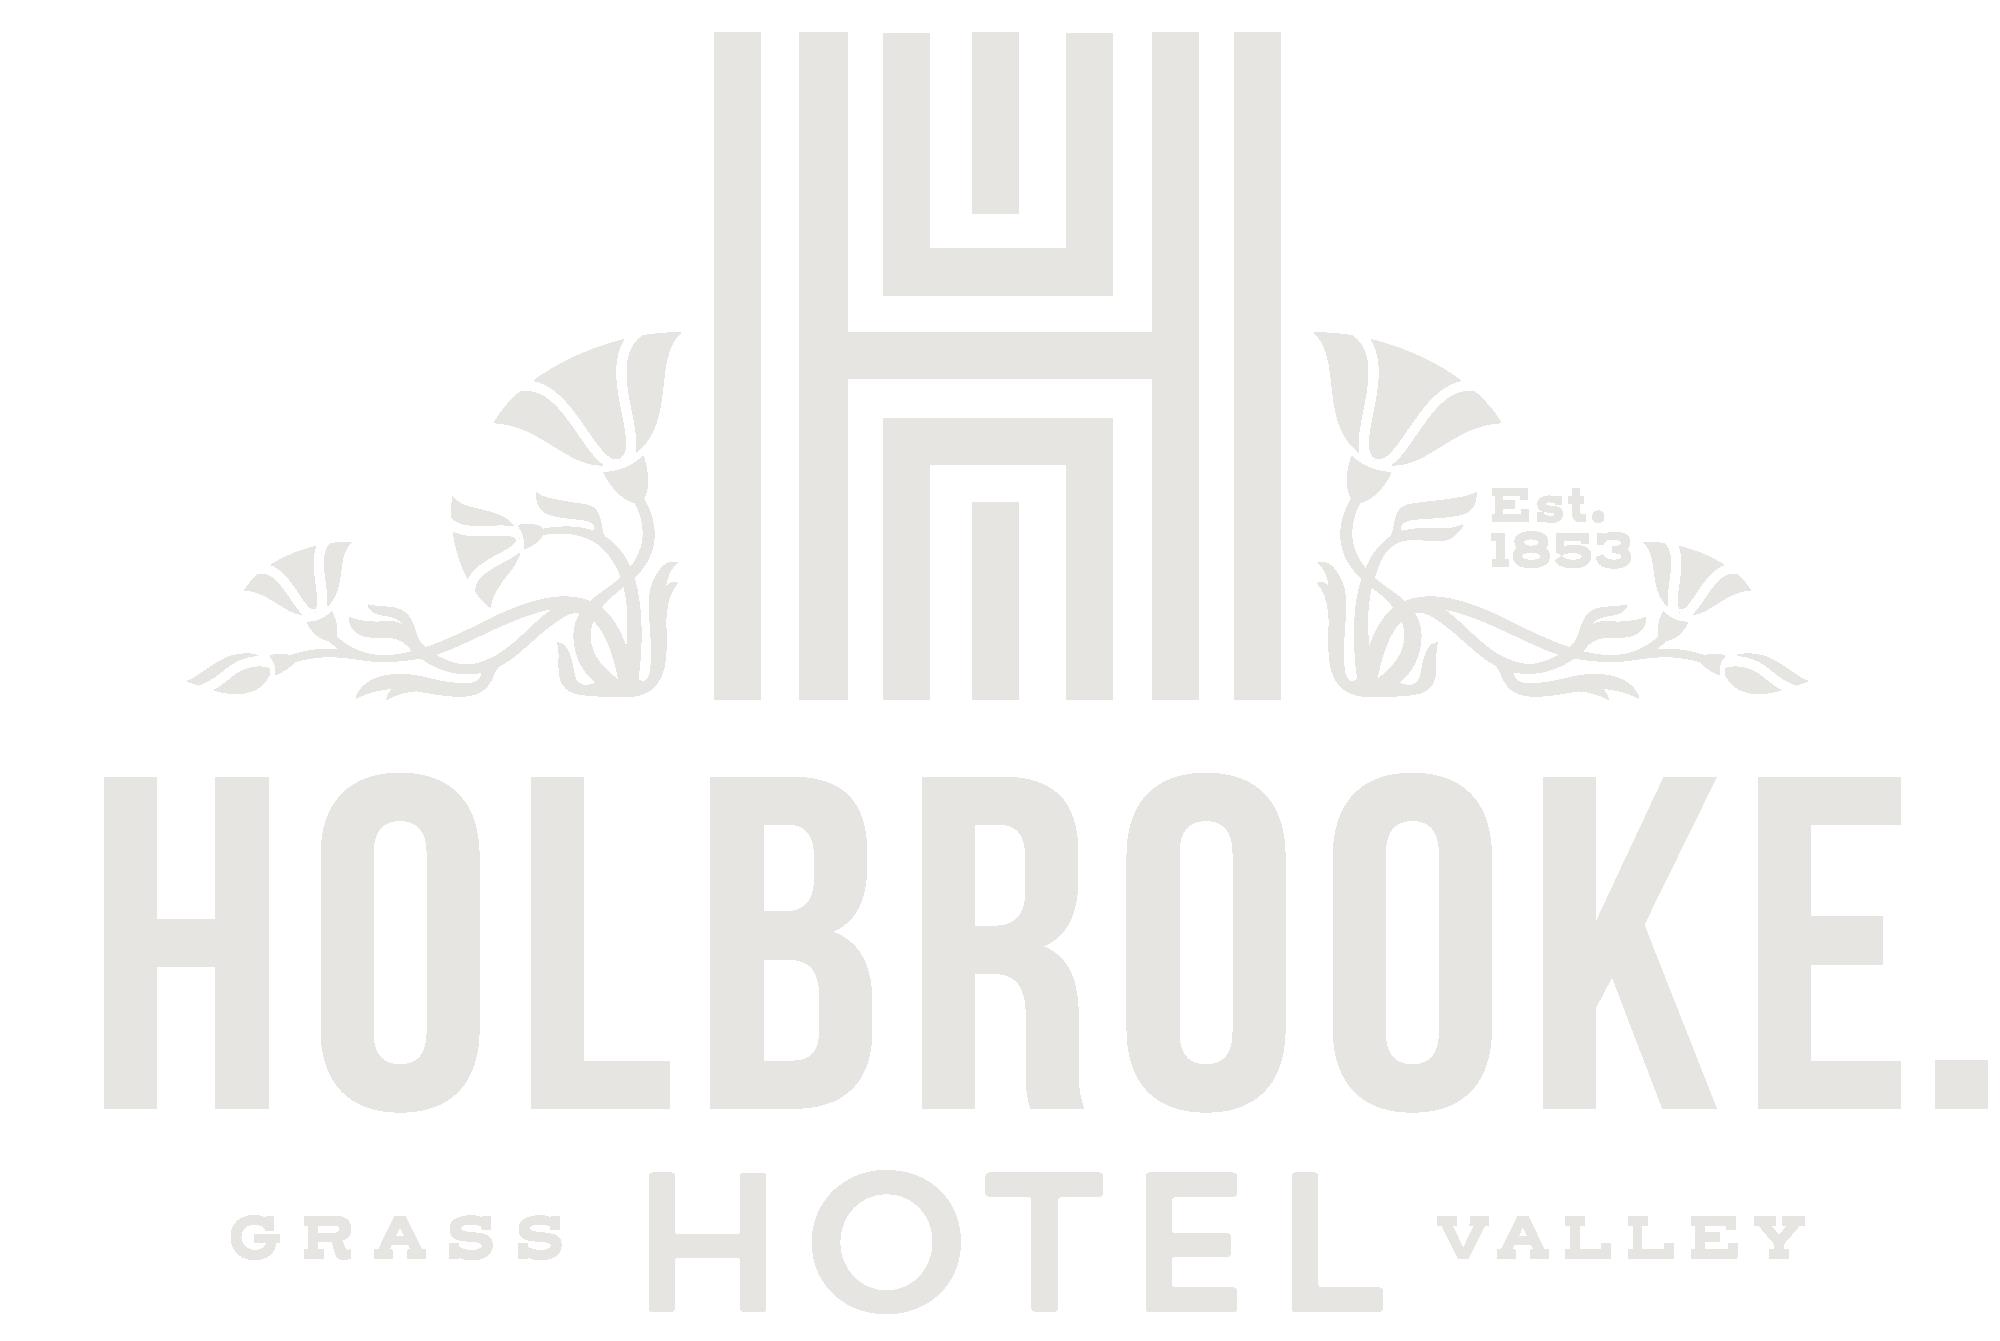 Holbrooke Hotel Logo